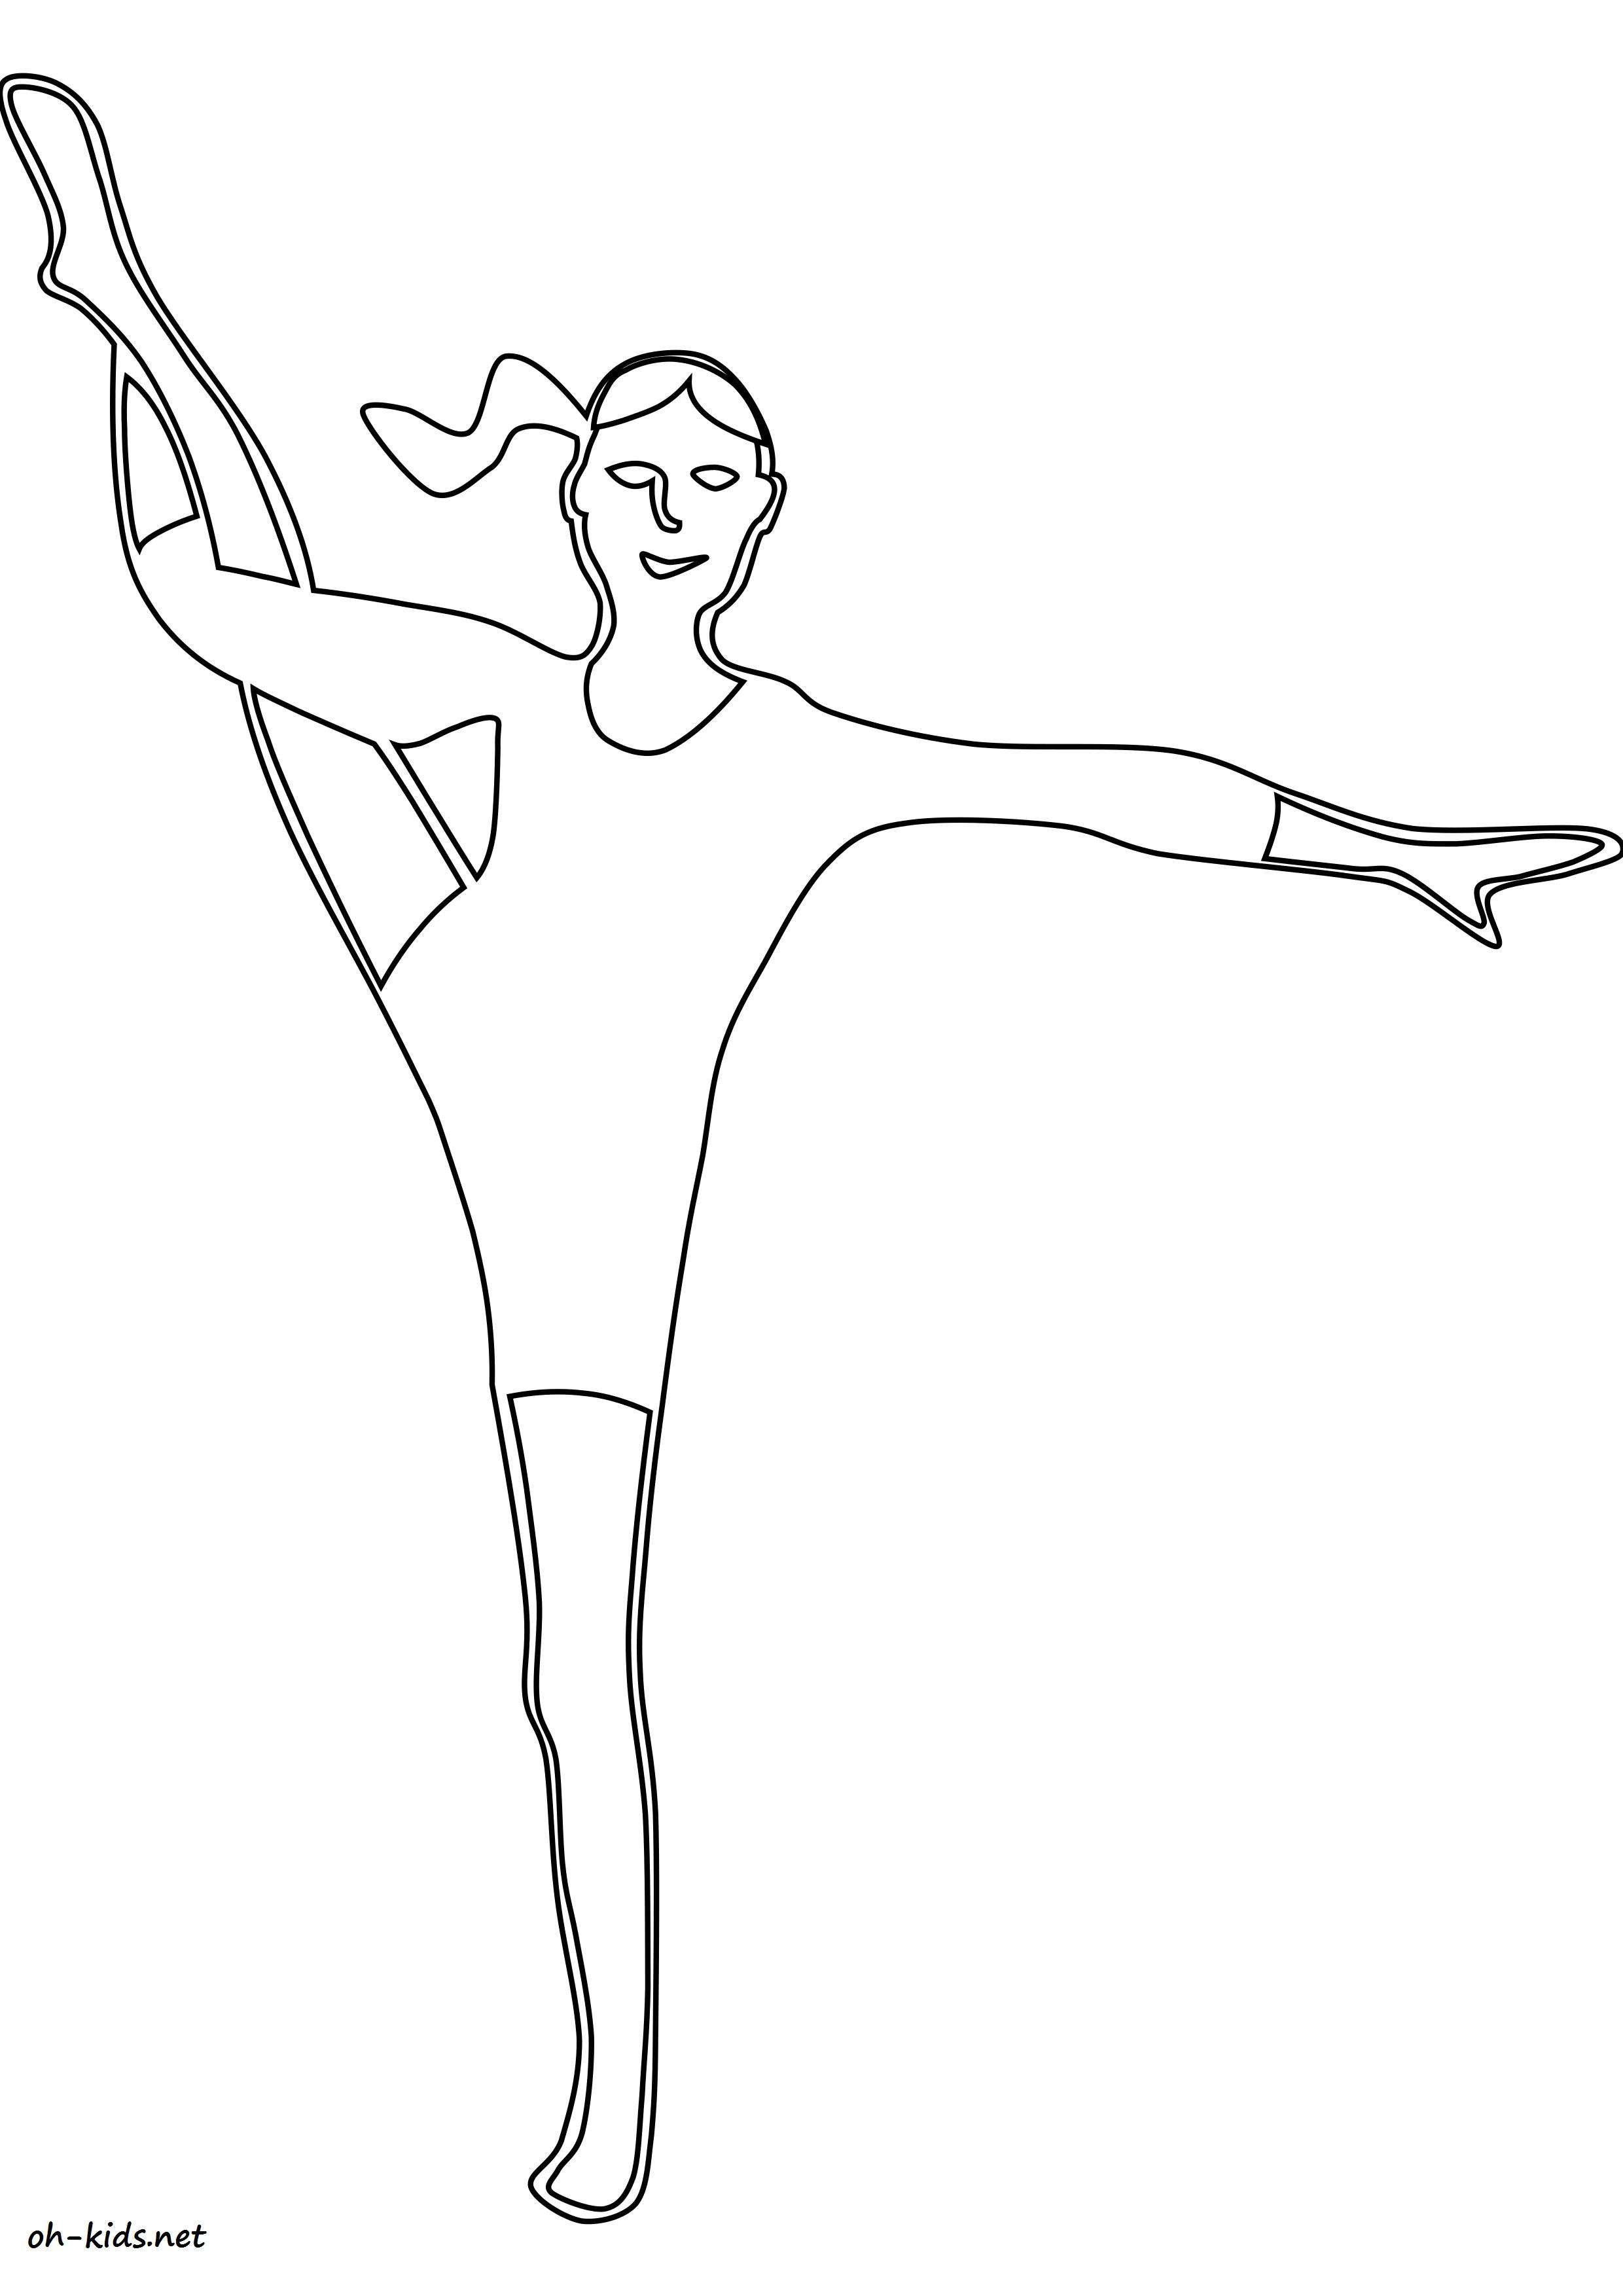 coloriage gymnastique à imprimer et colorier - Dessin #1381